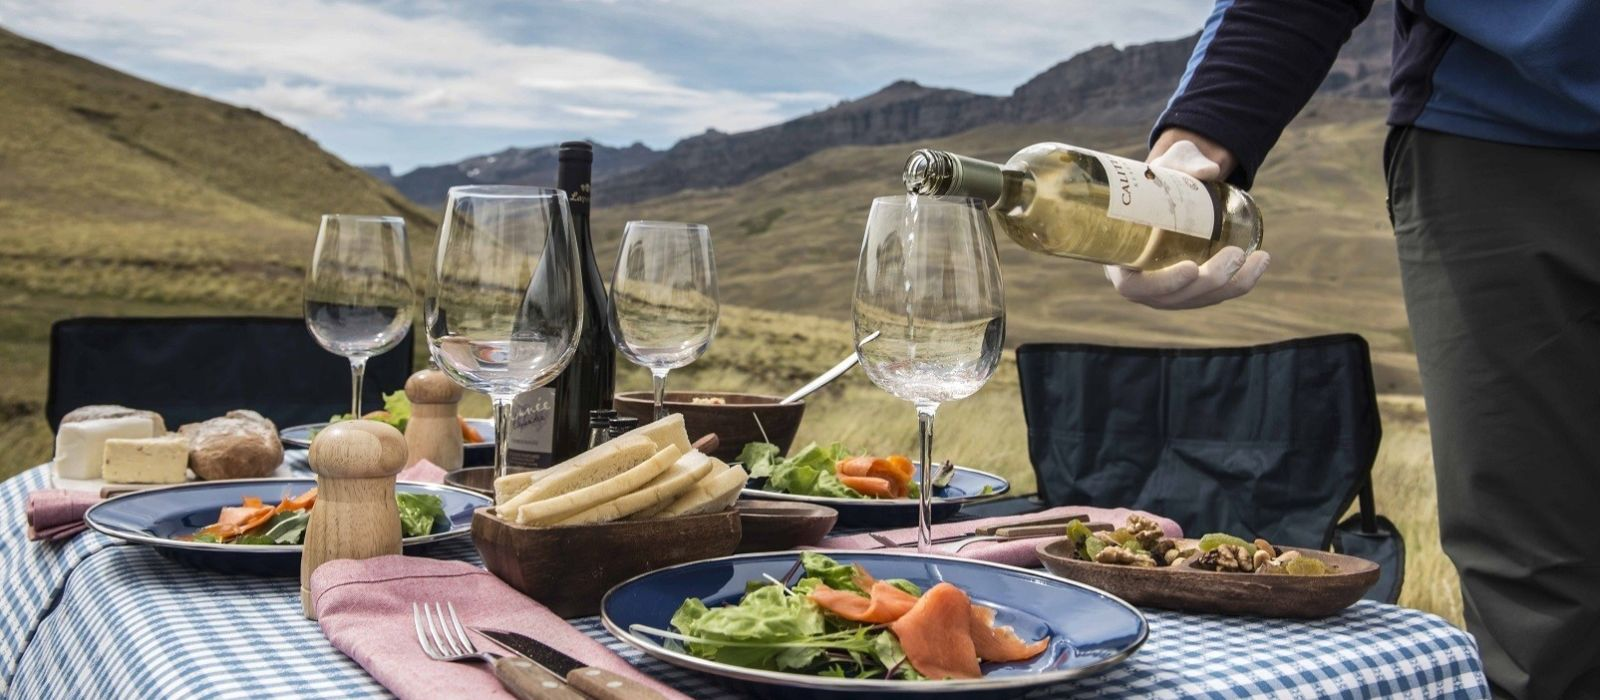 Chile Luxusreise: Außergewöhnlich mit Awasi Urlaub 3